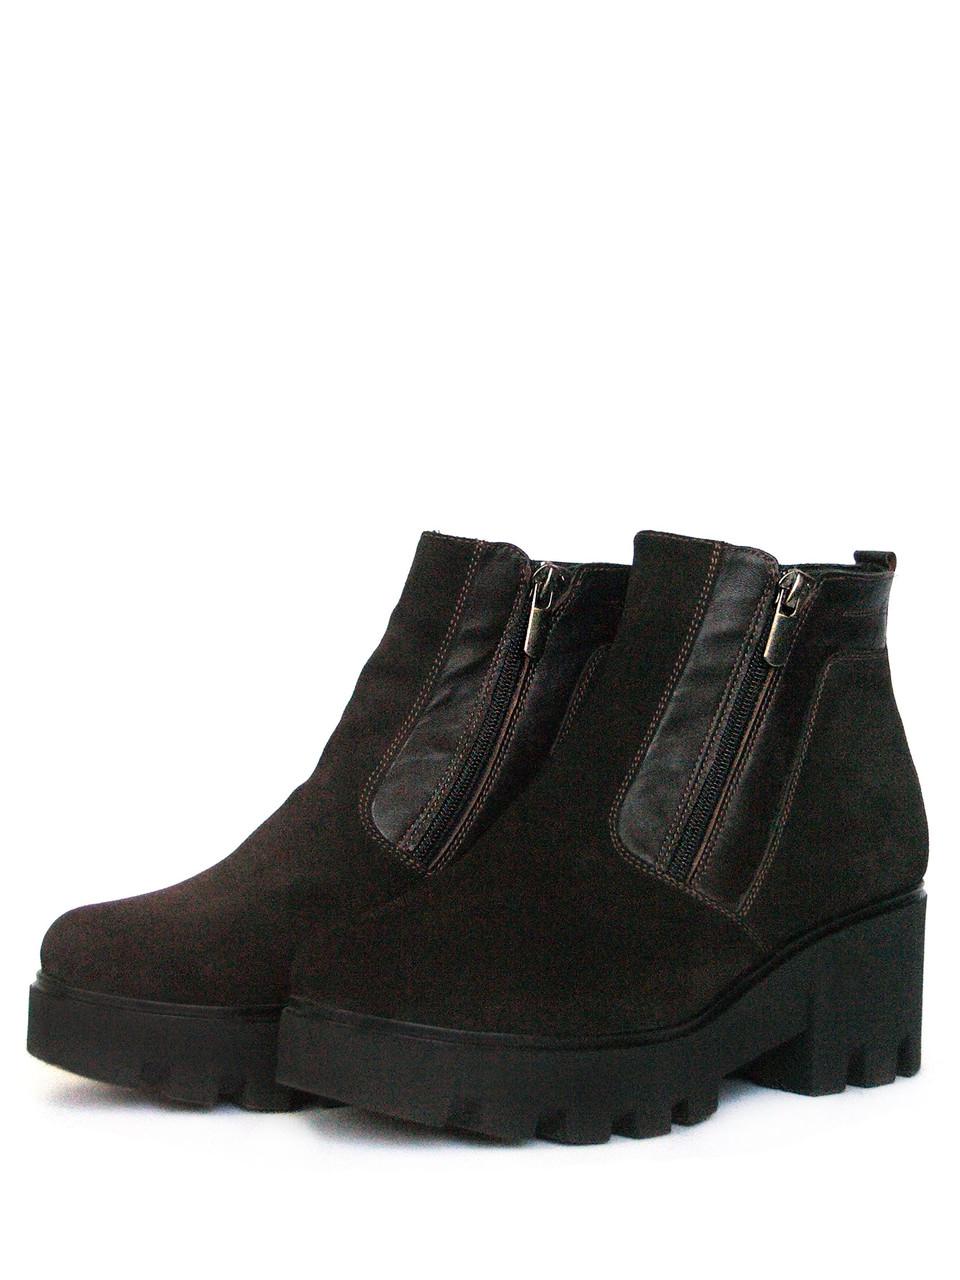 Ботинки зимние коричневые